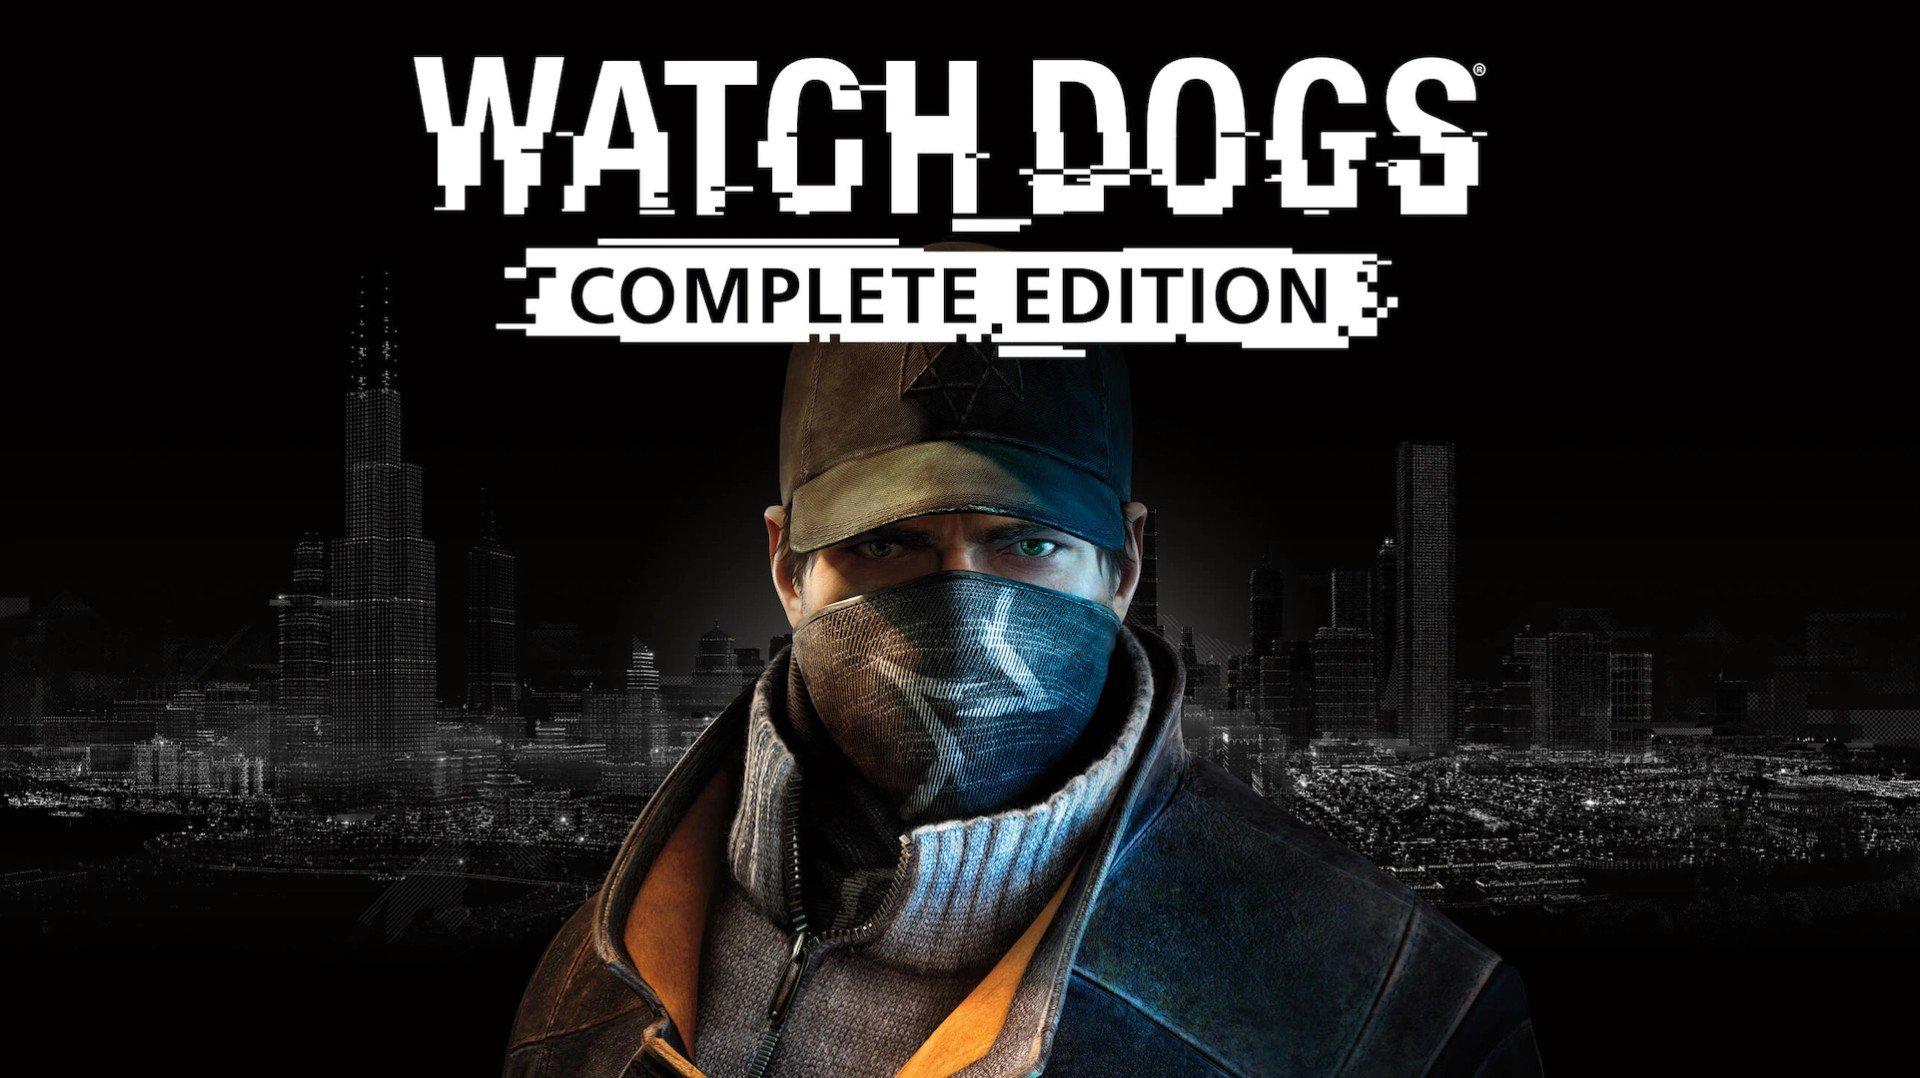 O primeiro Watch Dogs estará vindo para os consoles de nova geração, como Watch Dogs Complete Edition, a qual foi classificado pela ESRB.